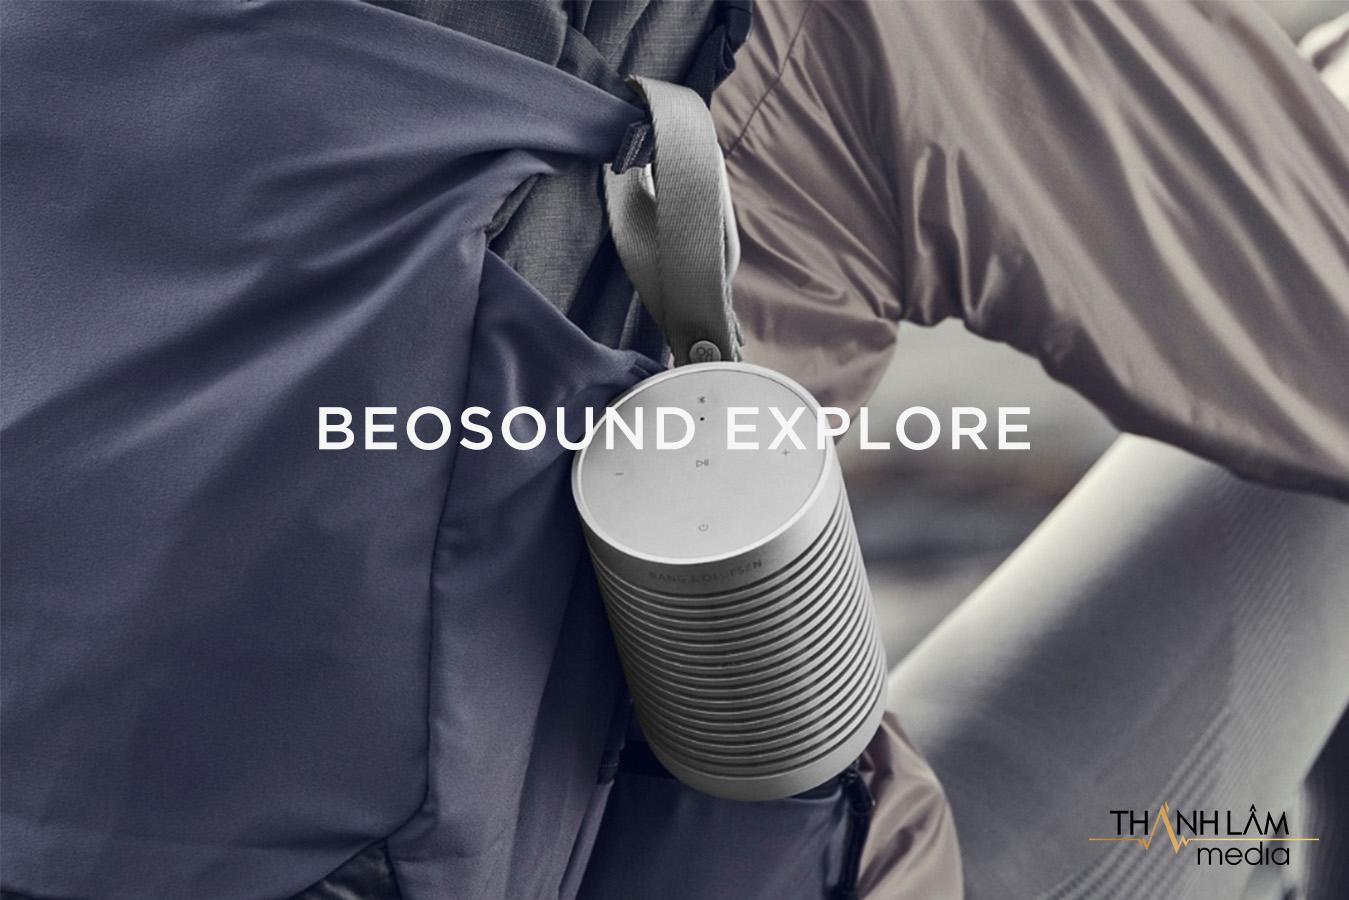 Bang & Olufsen Beosound Explore - Người đồng hành trong những chuyến phiêu lưu 24